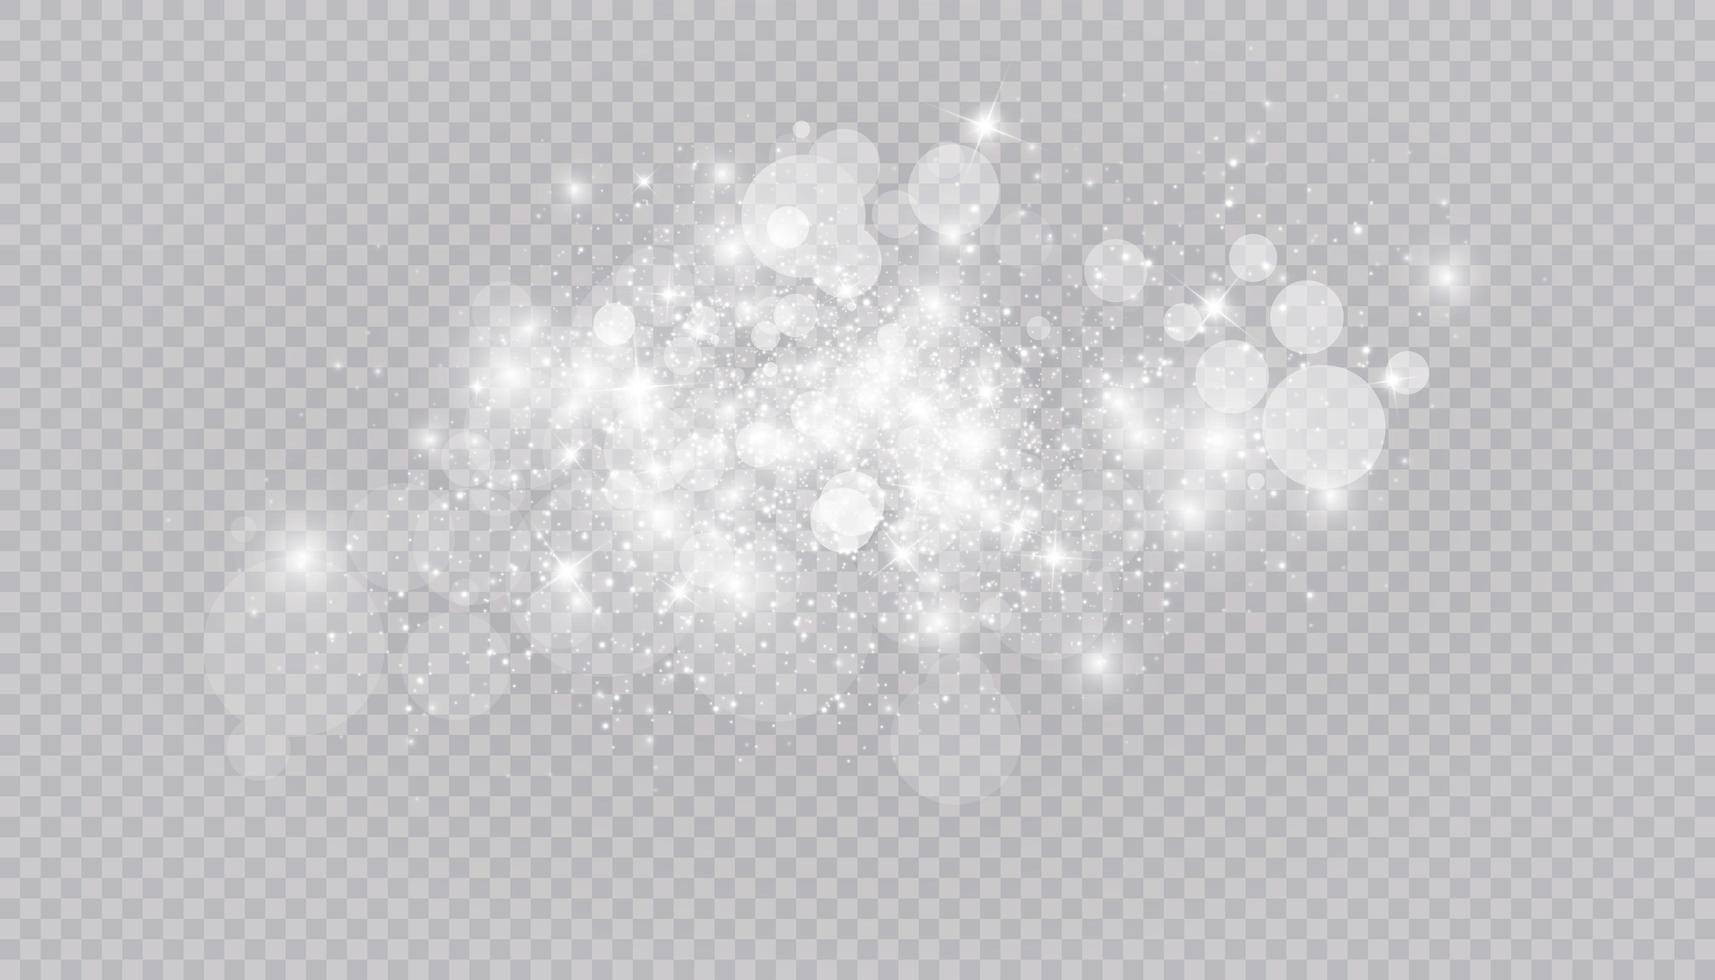 Glühender Lichteffekt mit vielen isolierten Glitzerpartikeln vektor